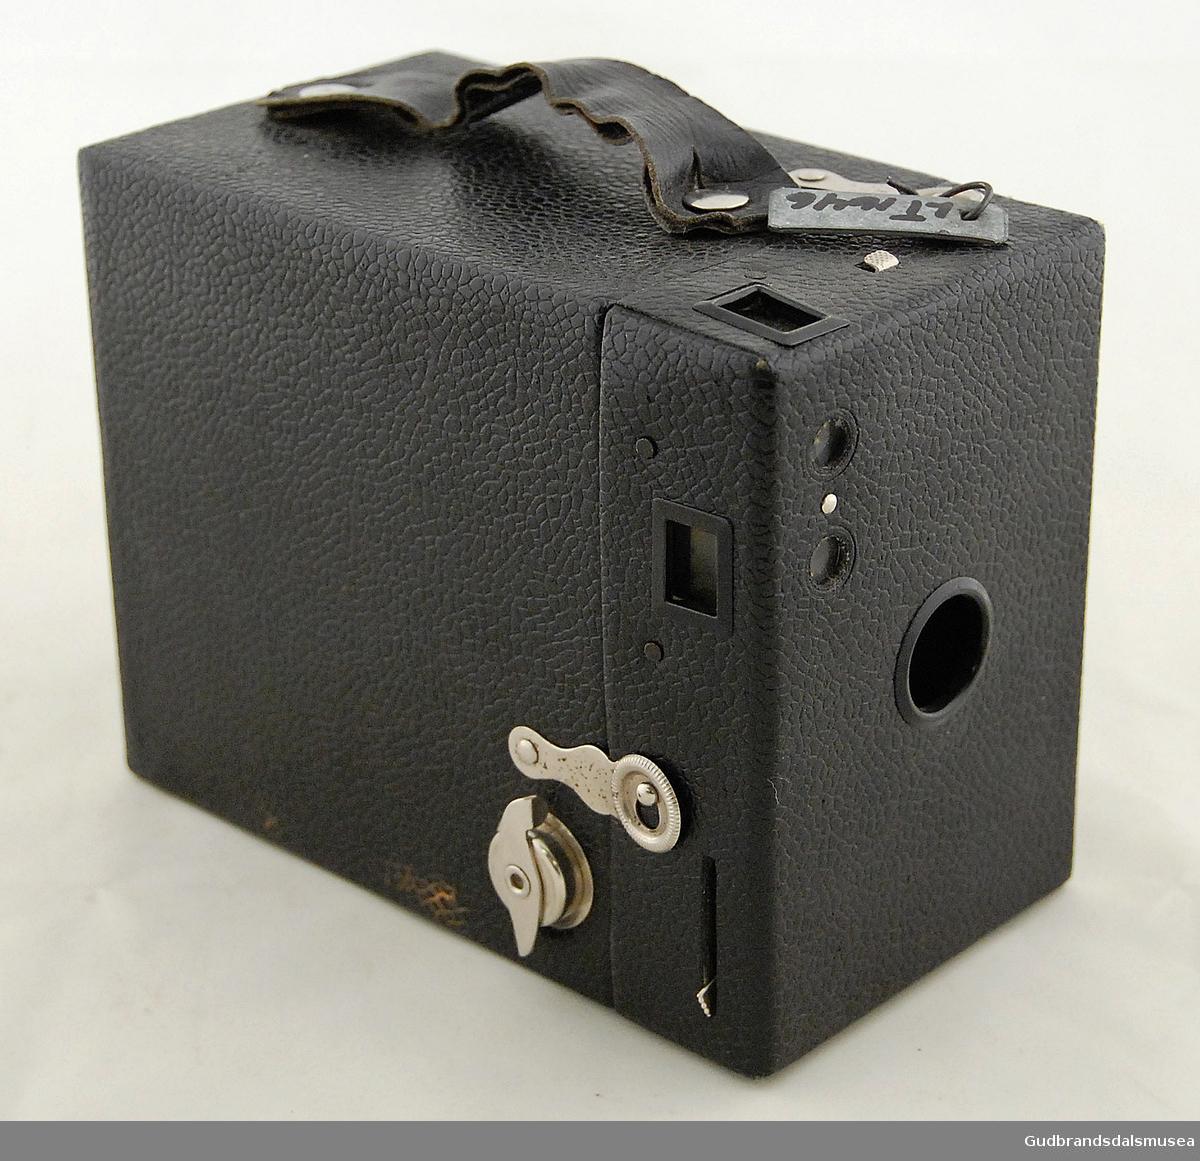 Fotoapparat i svart lær.